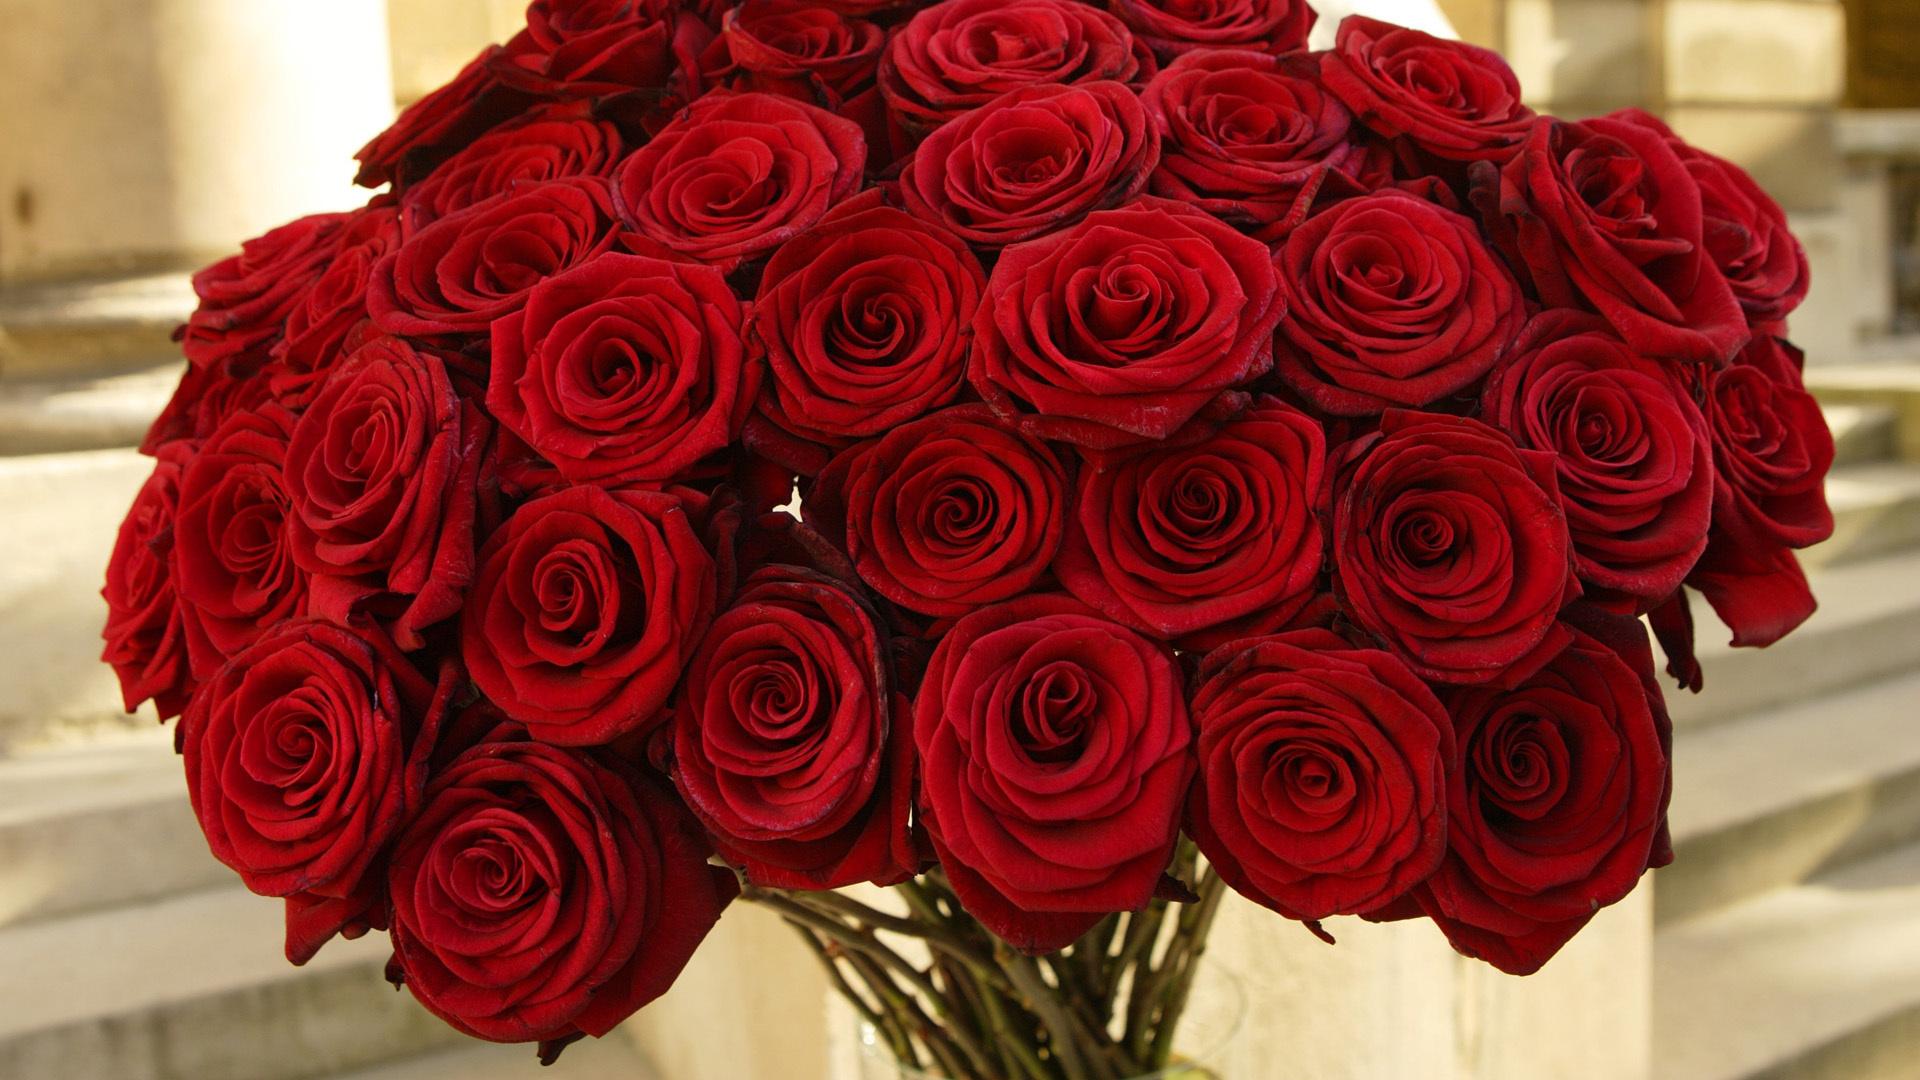 Картинка цветы роза, аву смешные мужские